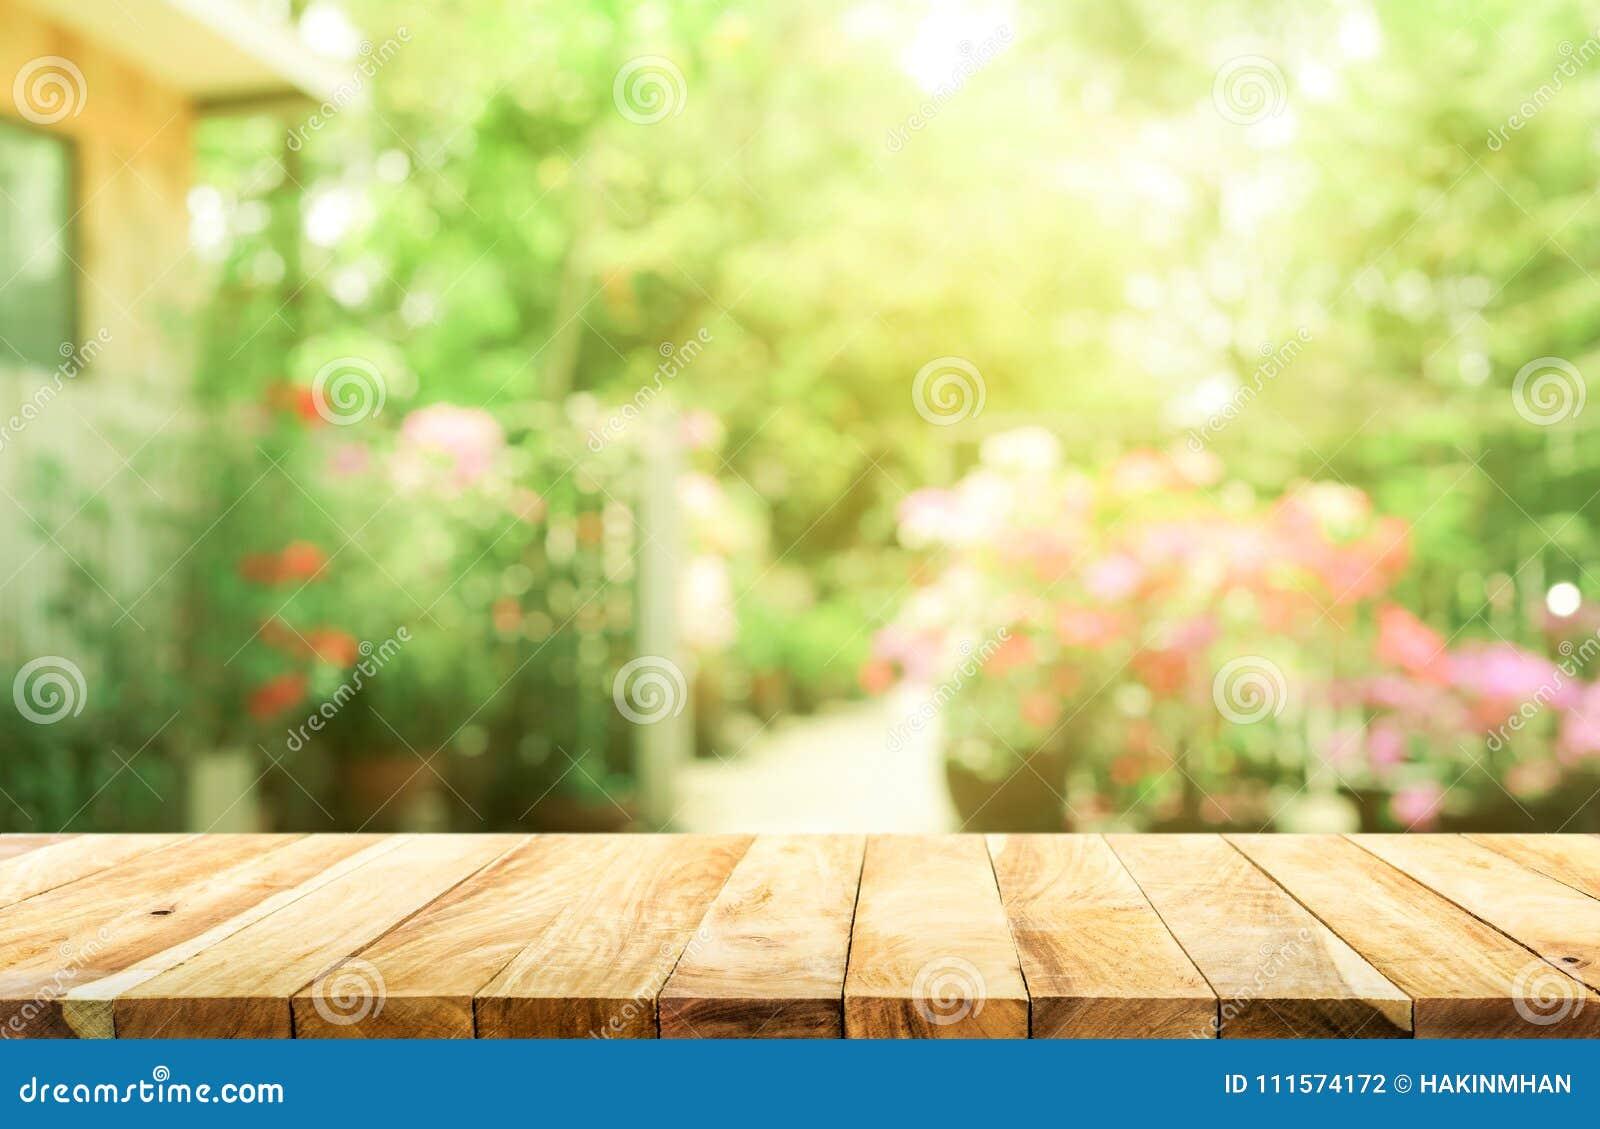 Lege houten lijstbovenkant op onduidelijk beeldsamenvatting groen van tuin